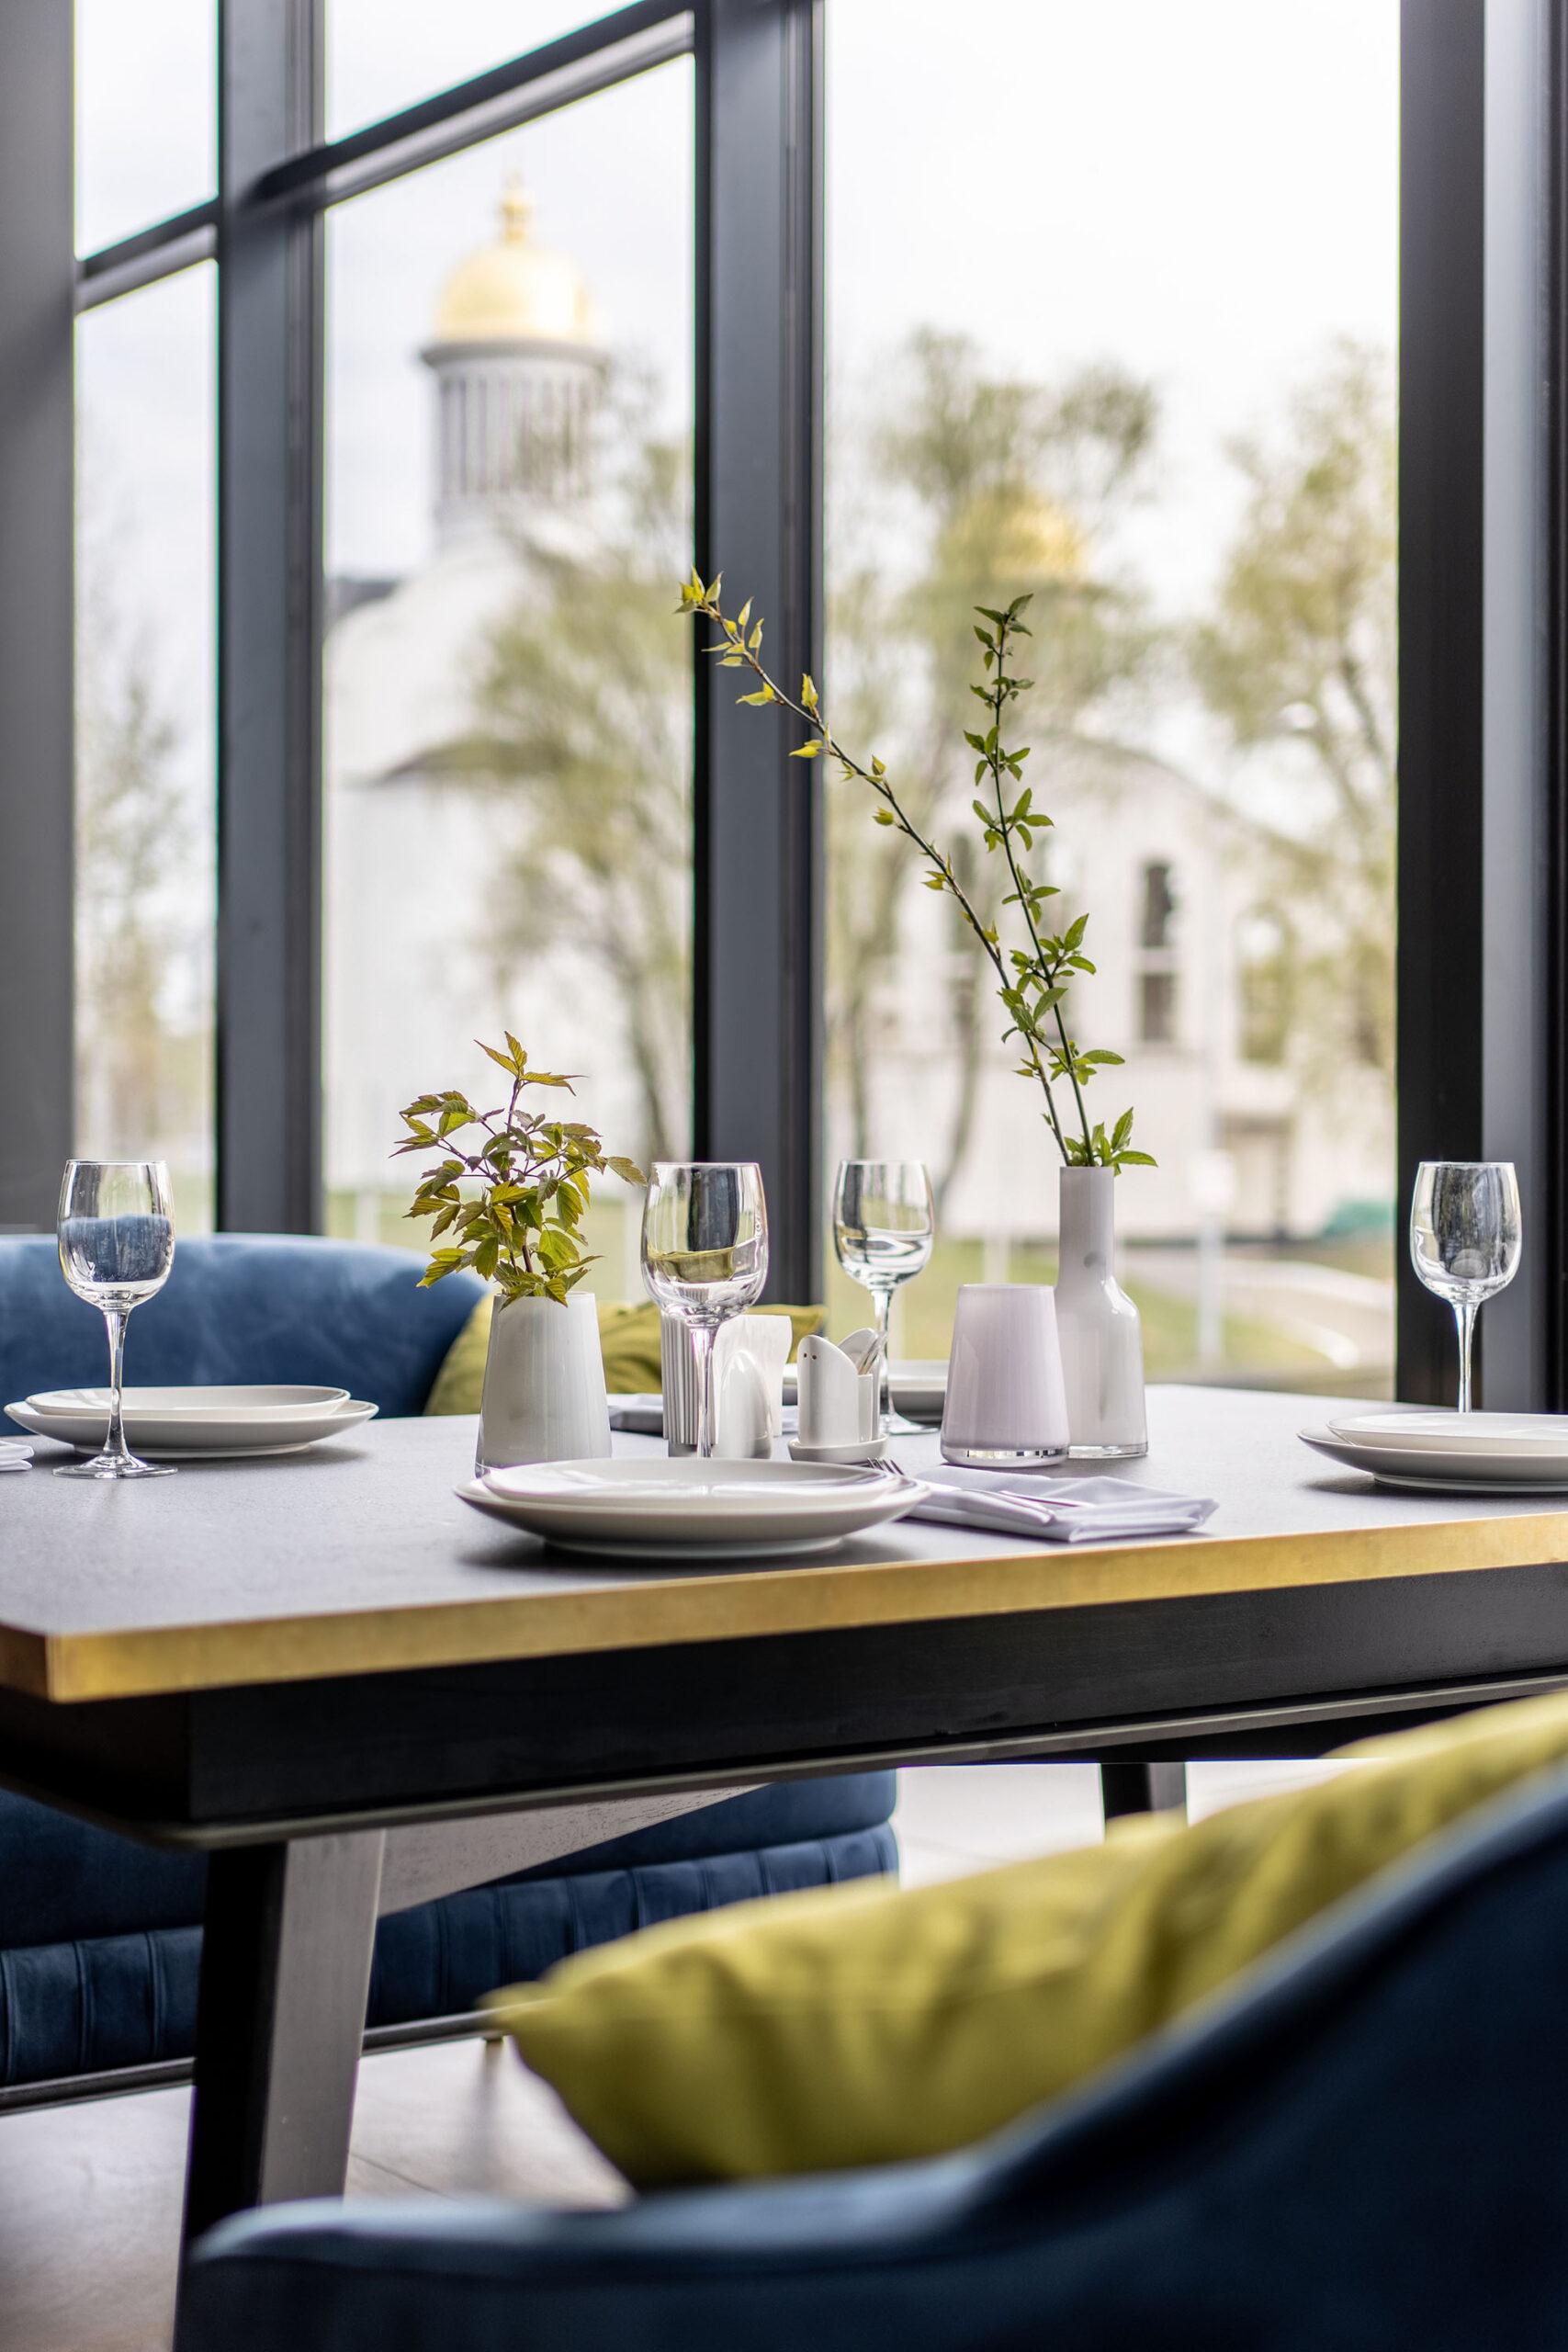 Shef Terrace. Дизайн интерьера террасы ресторана в Киеве. Студия дизайна интерьера Alta Idea Interior Design, Киев 2